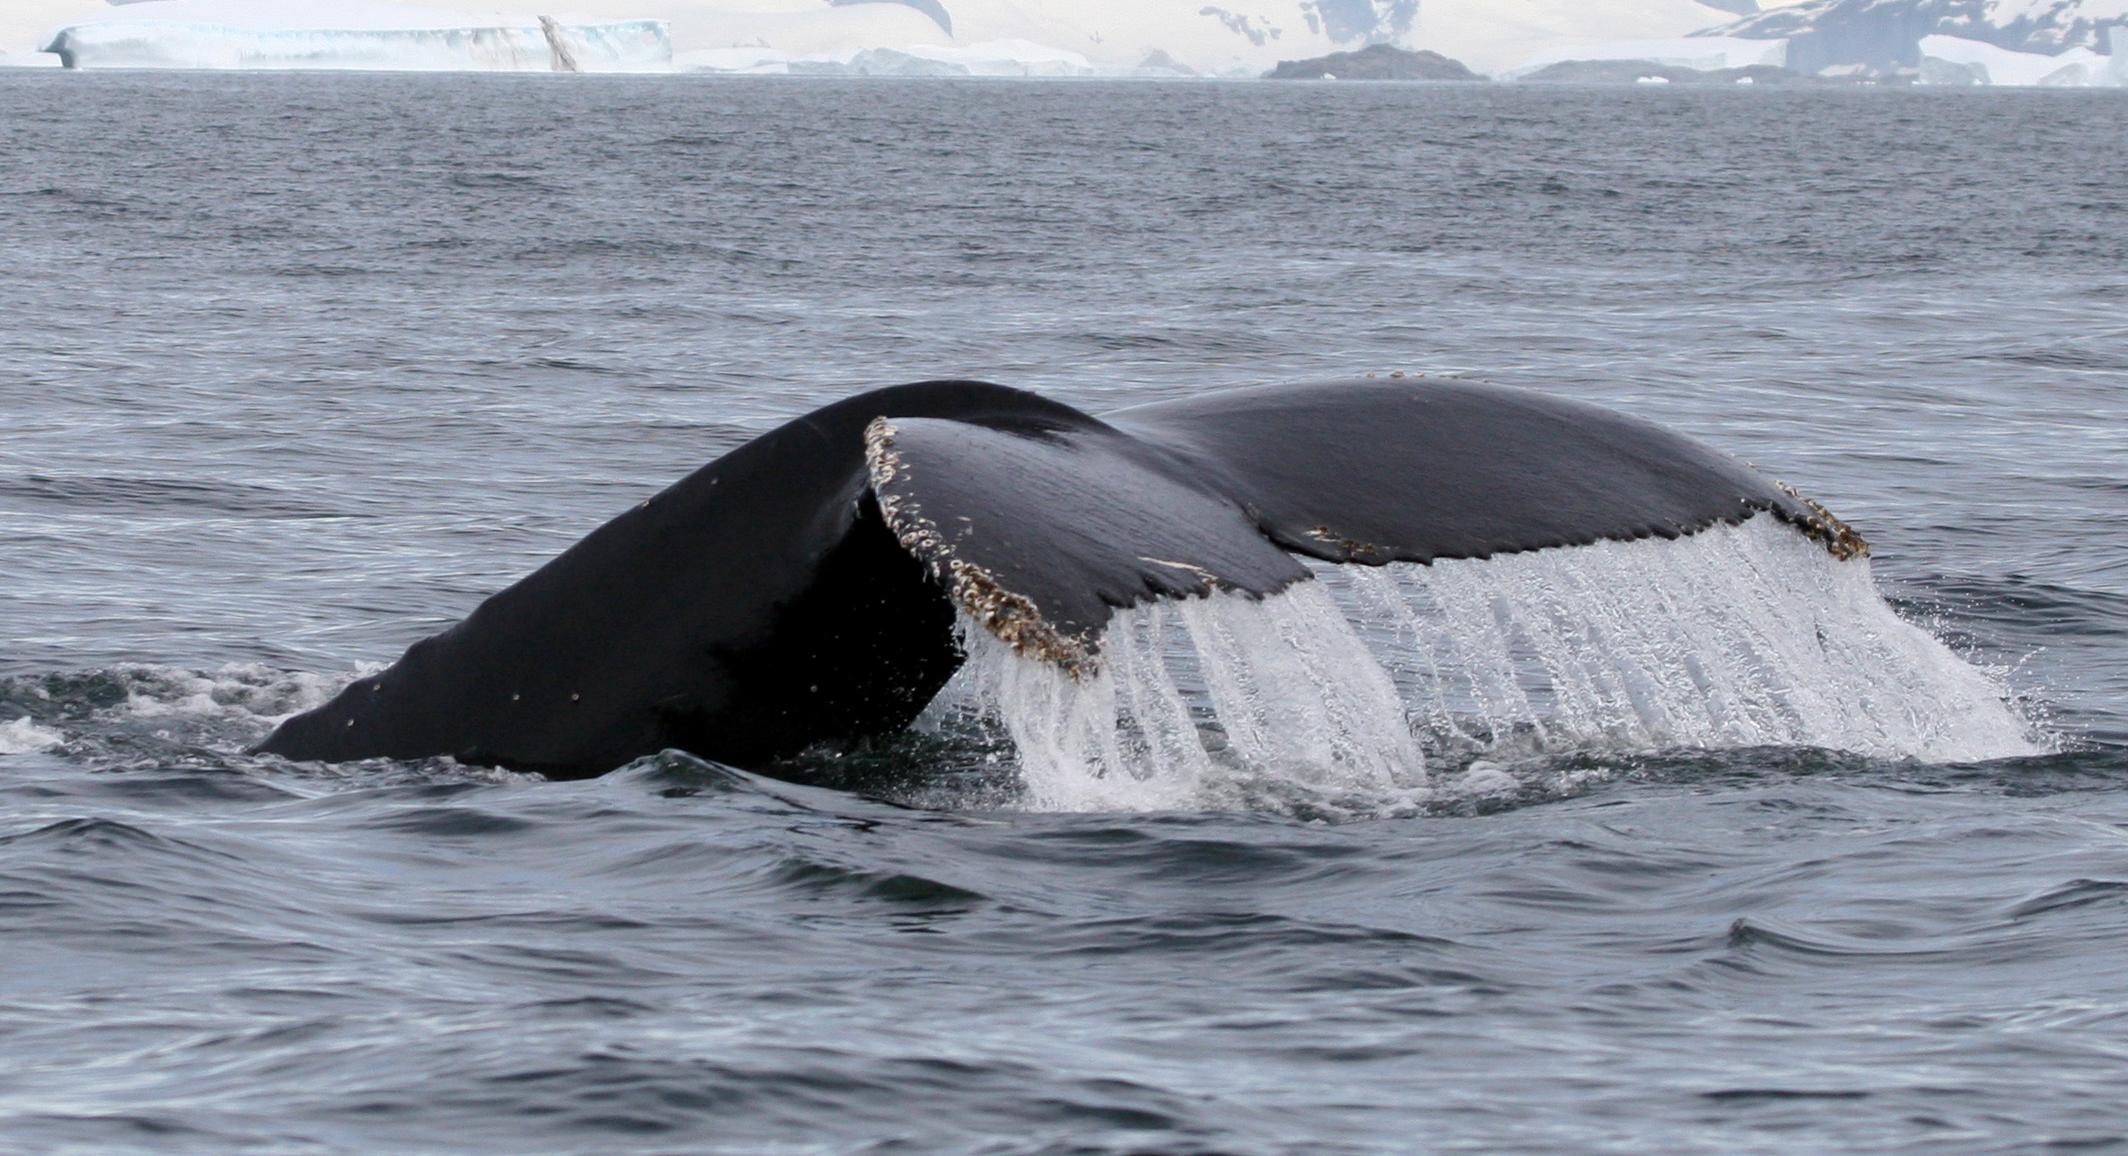 ชมวาฬของประเทศไอซ์แลนด์โดยทัวร์ชมวาฬนี้ที่อ่าวเบรดาฟยอร์ดูร์ในคาบมหาสมุทร สไนล์แฟลซเนส